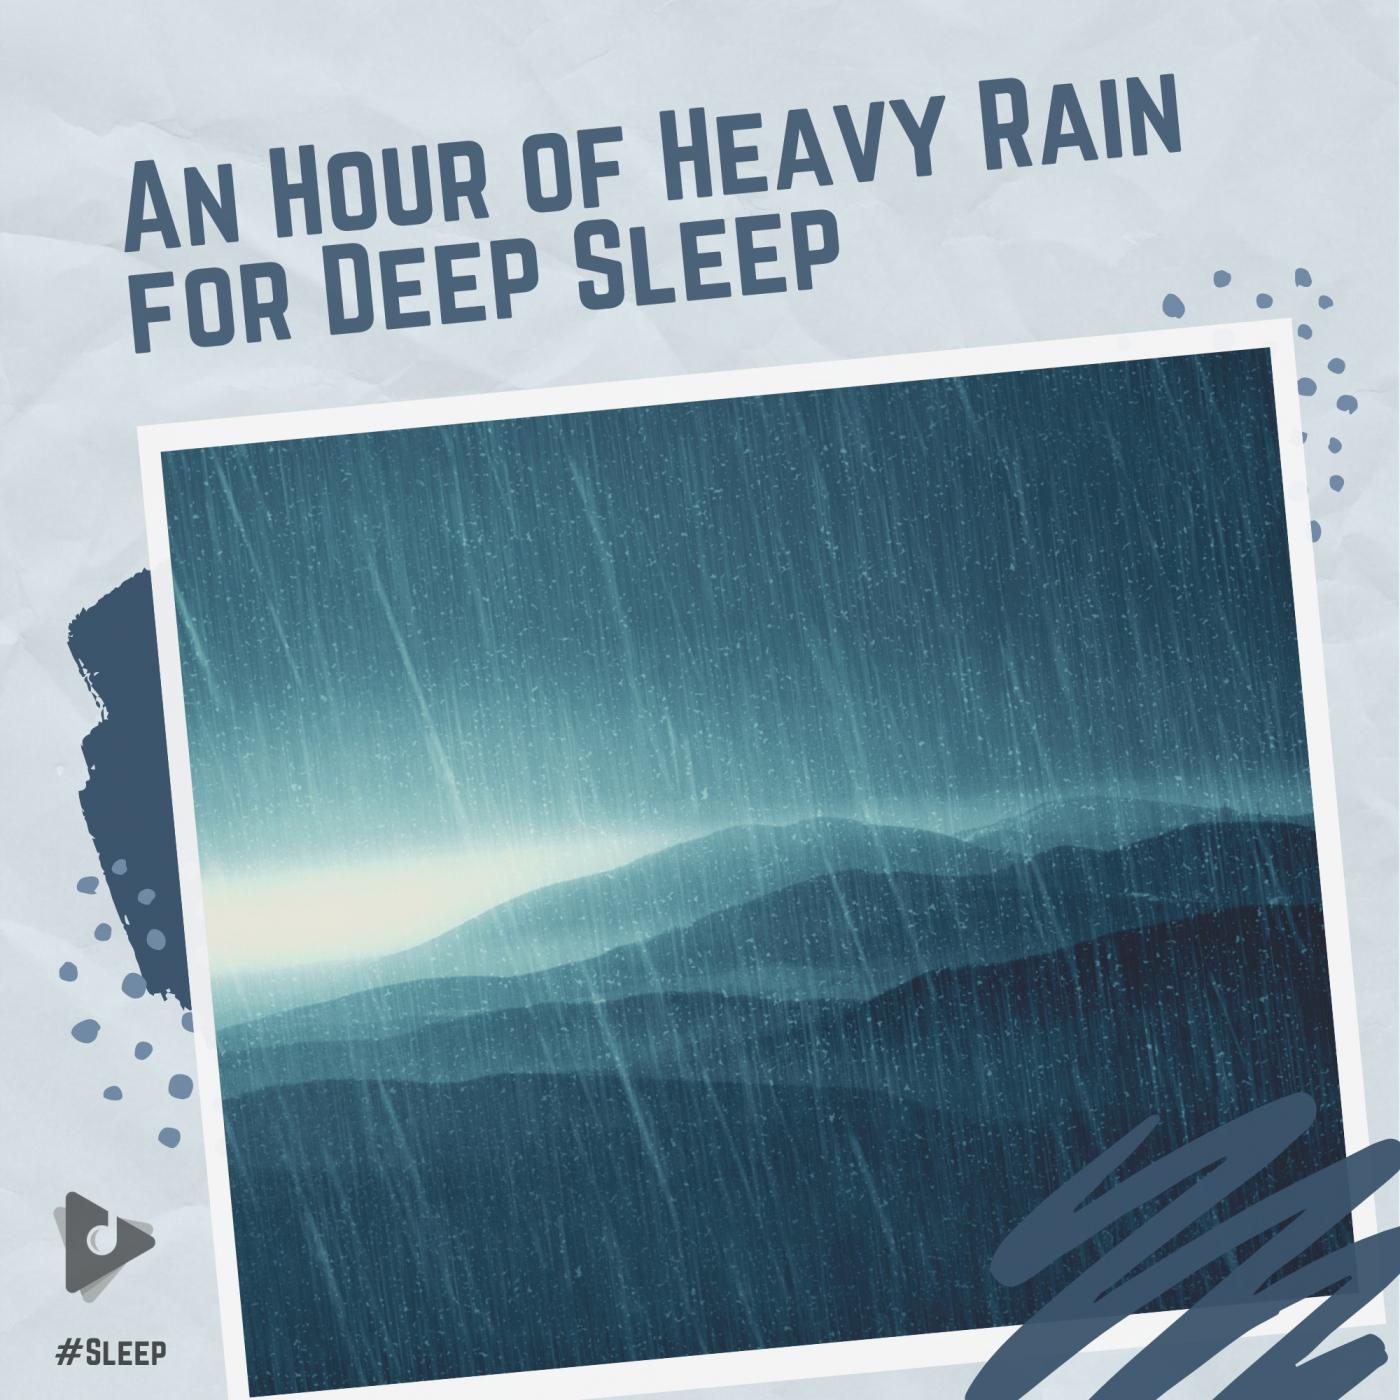 An Hour of Heavy Rain for Deep Sleep